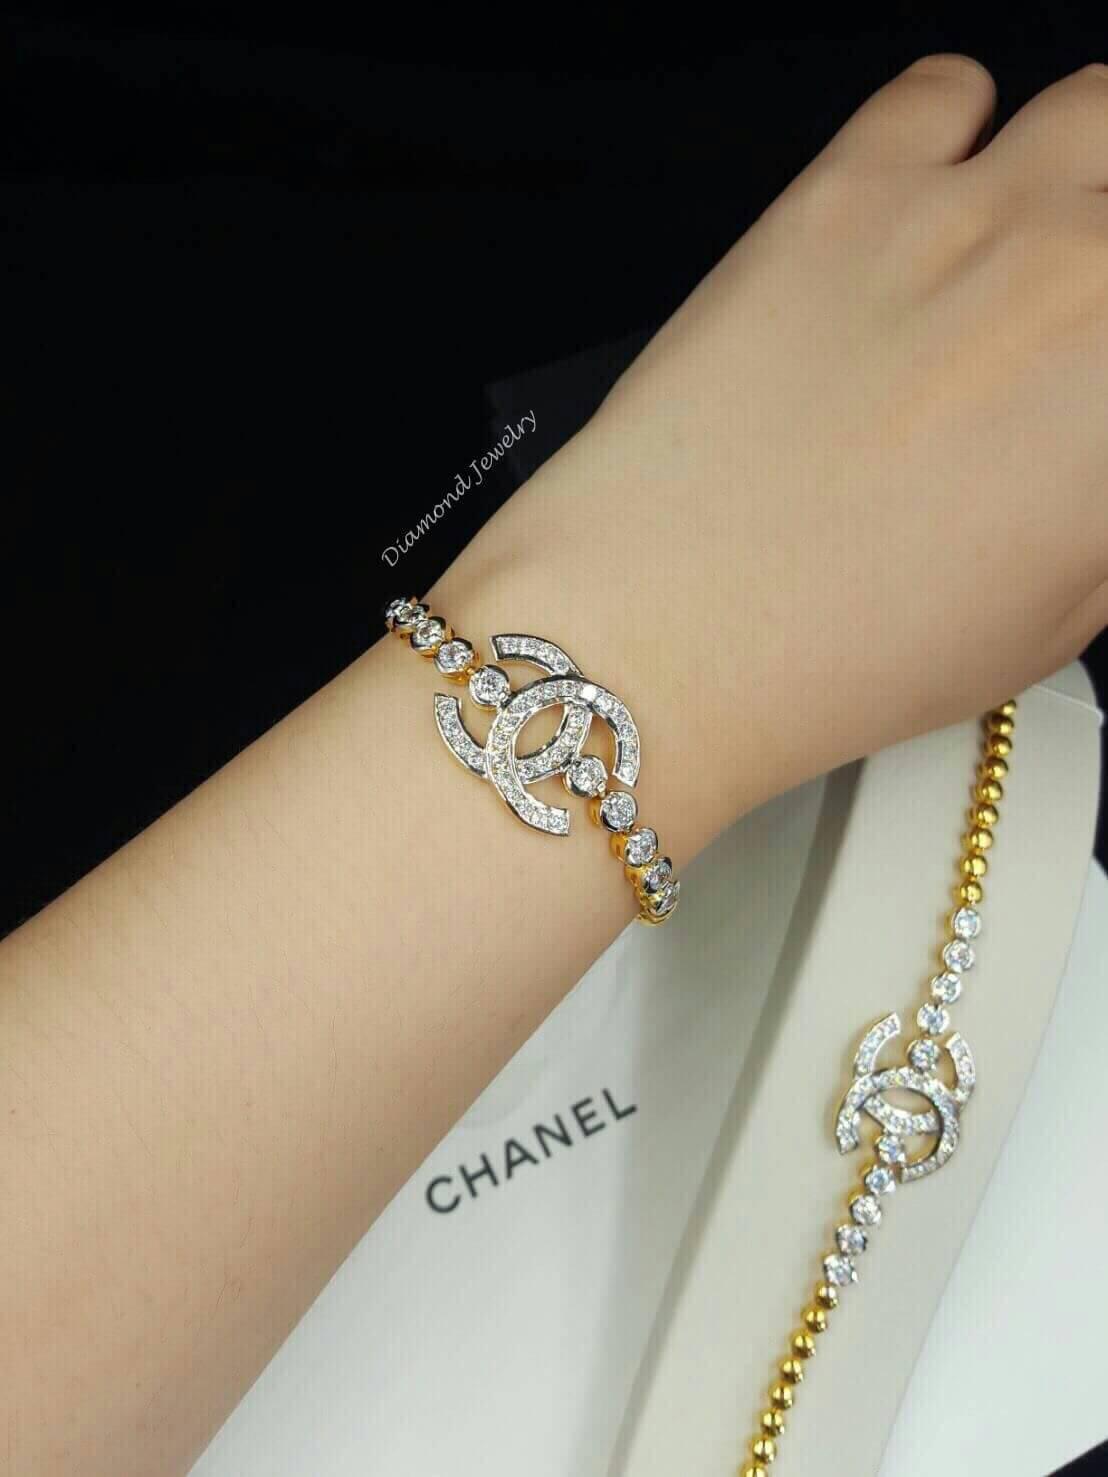 พร้อมส่ง Chanel Bracelet สร้อยข้อมือชาแนลงานเพชรสวิส